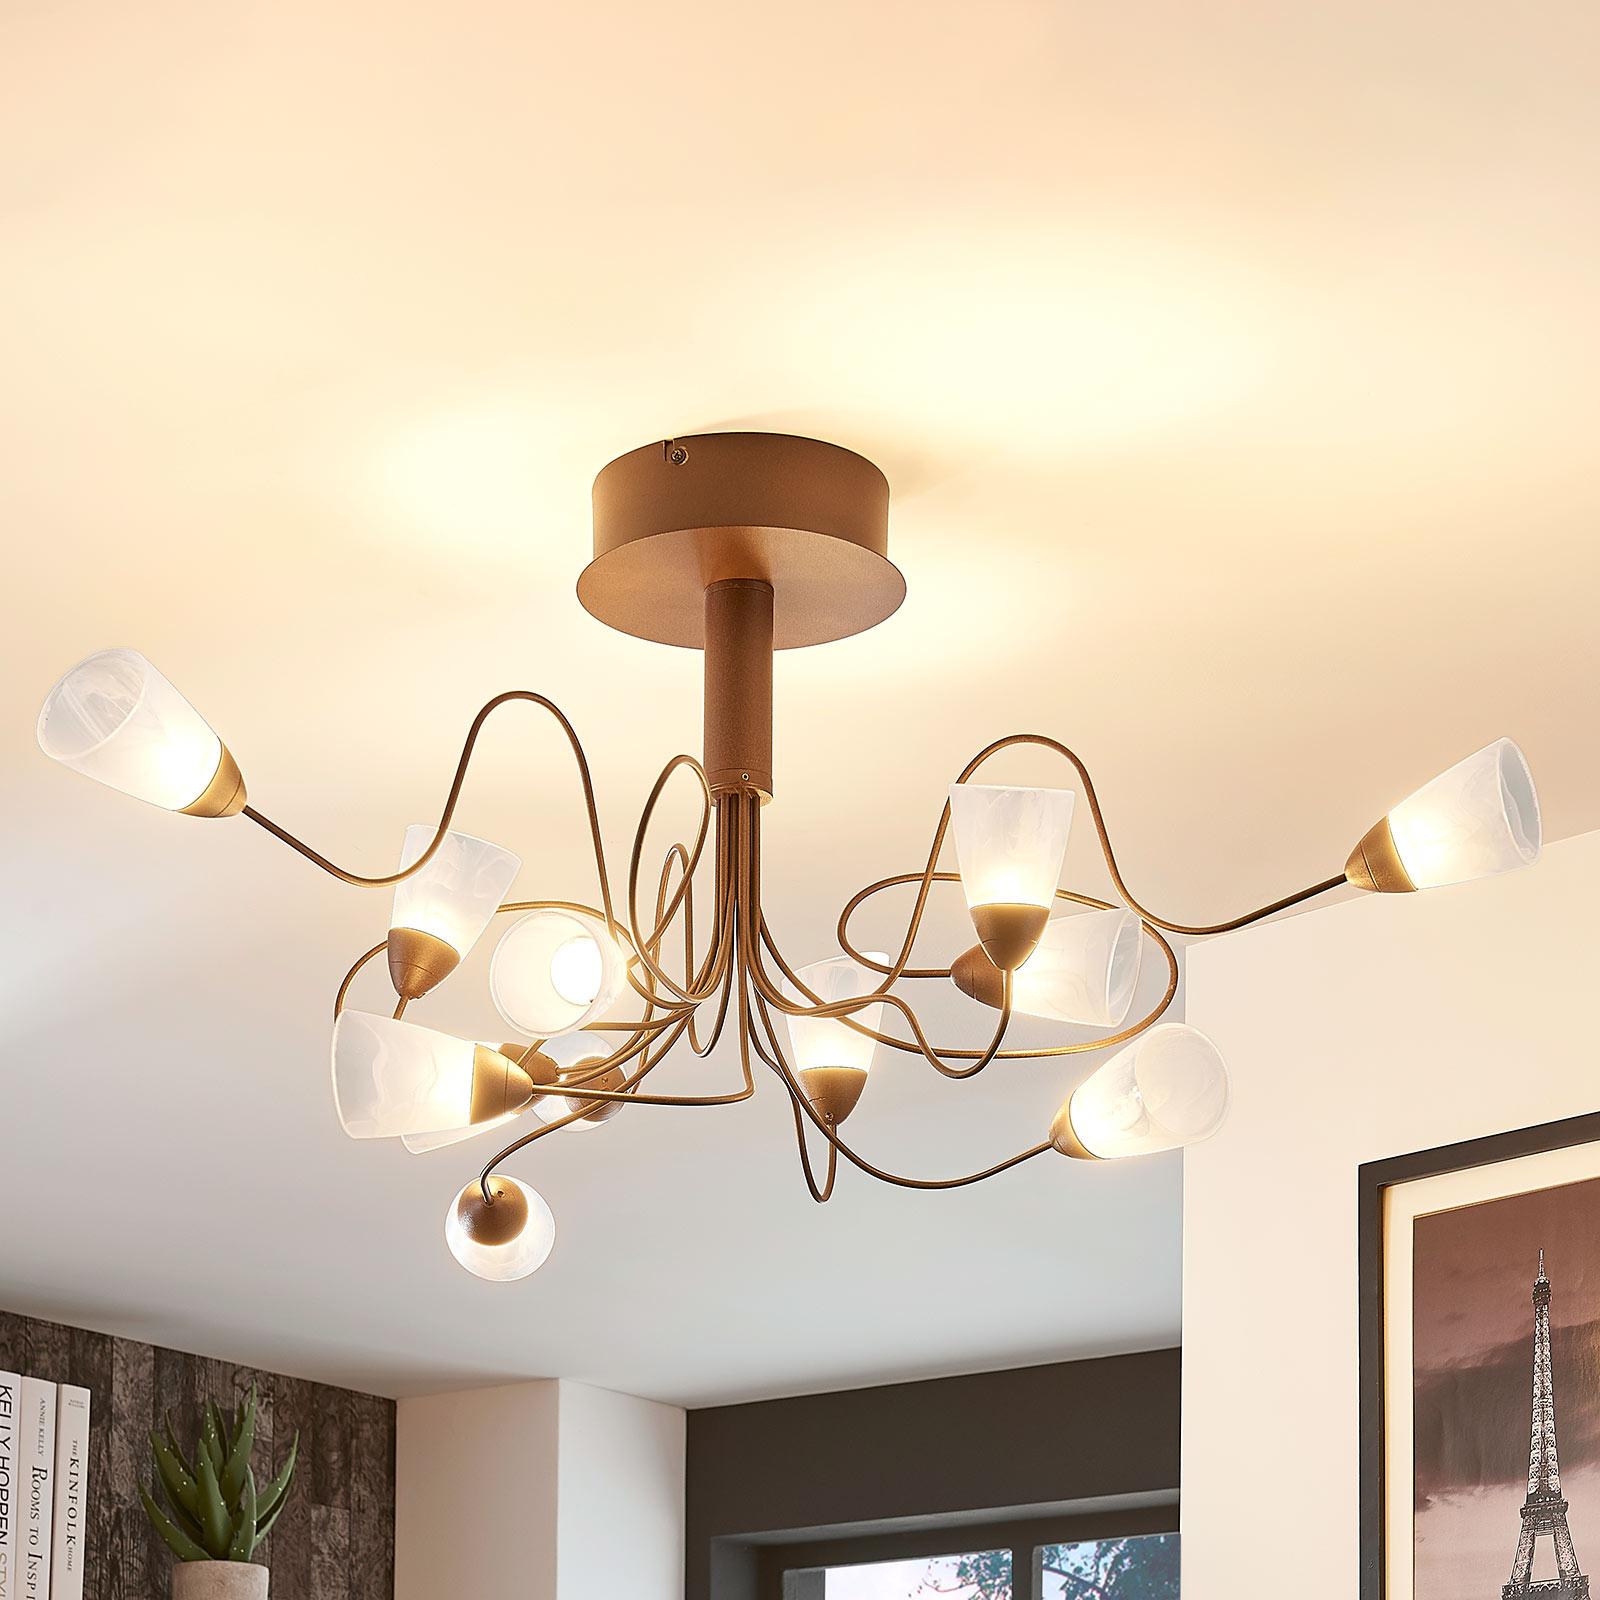 Plafonnier LED Hannes rond, abat-jour verre